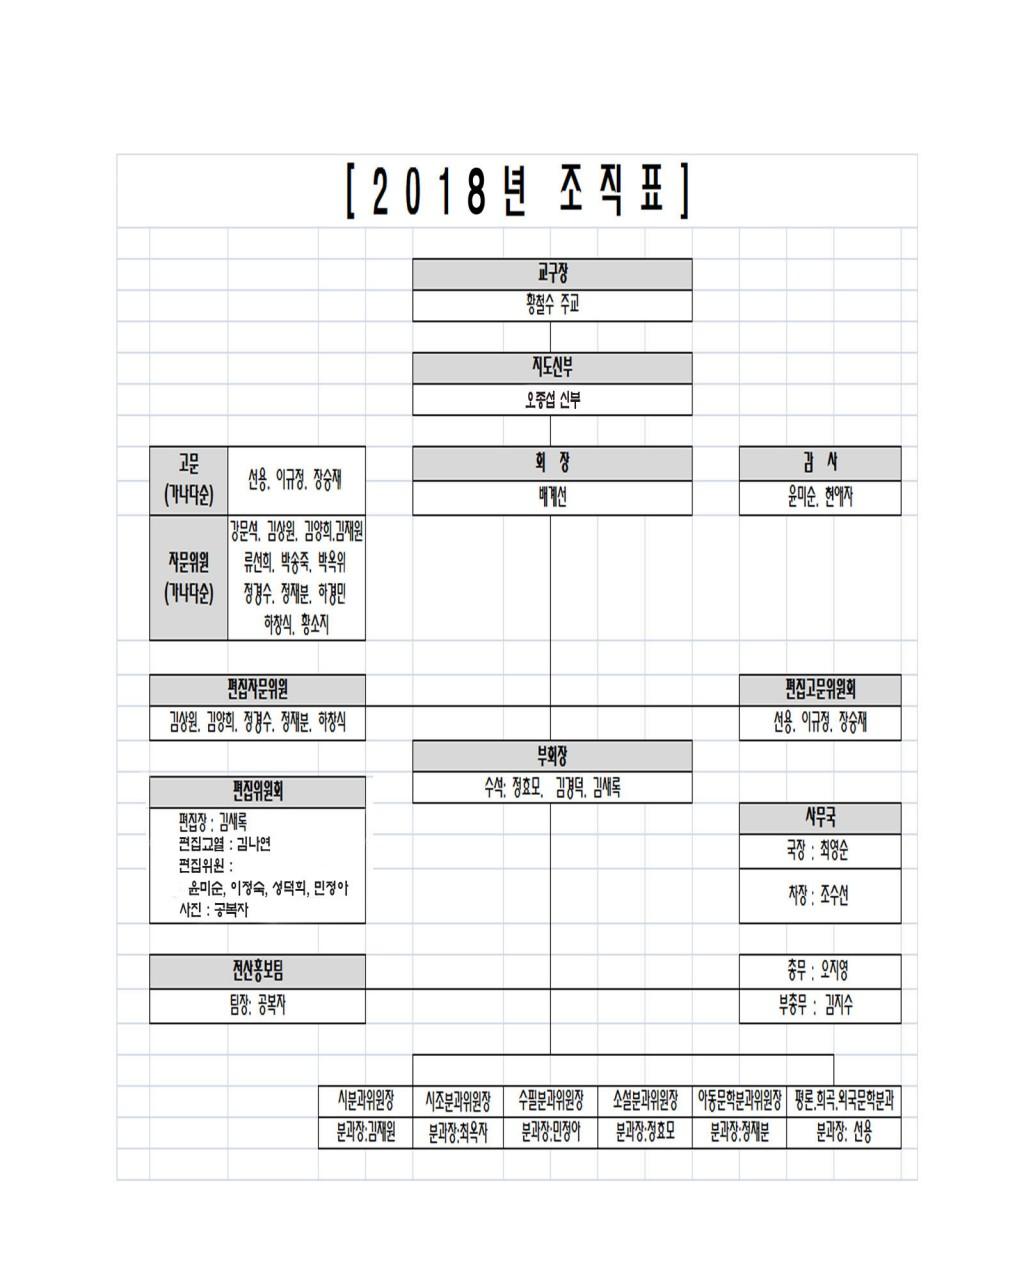 2018년 부산가톨릭문협 임원 조직표.jpg